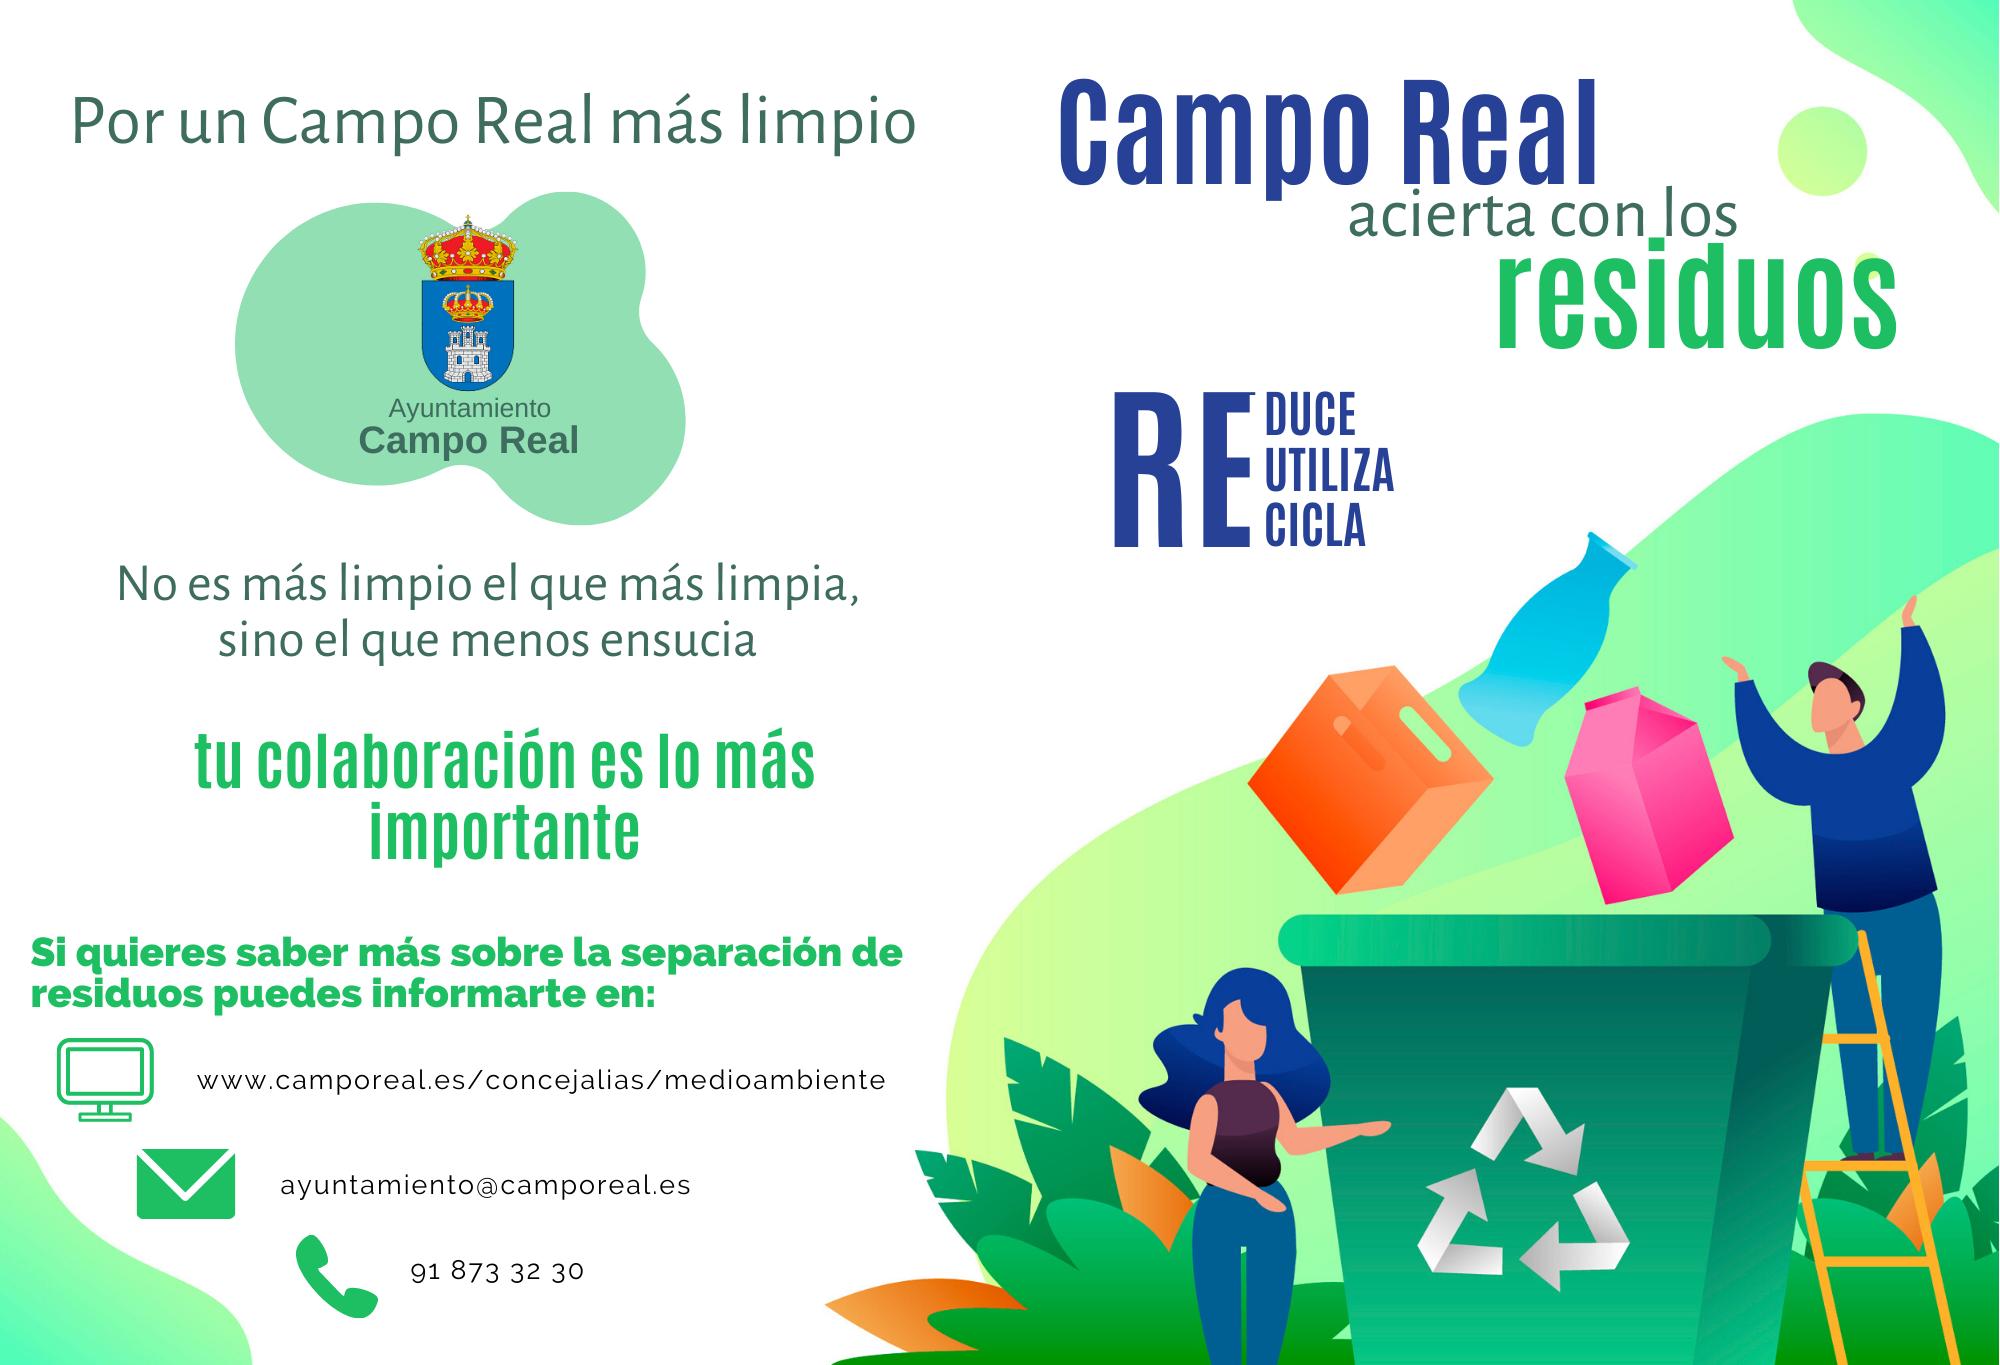 Foto cedida por Ayuntamiento de Campo Real